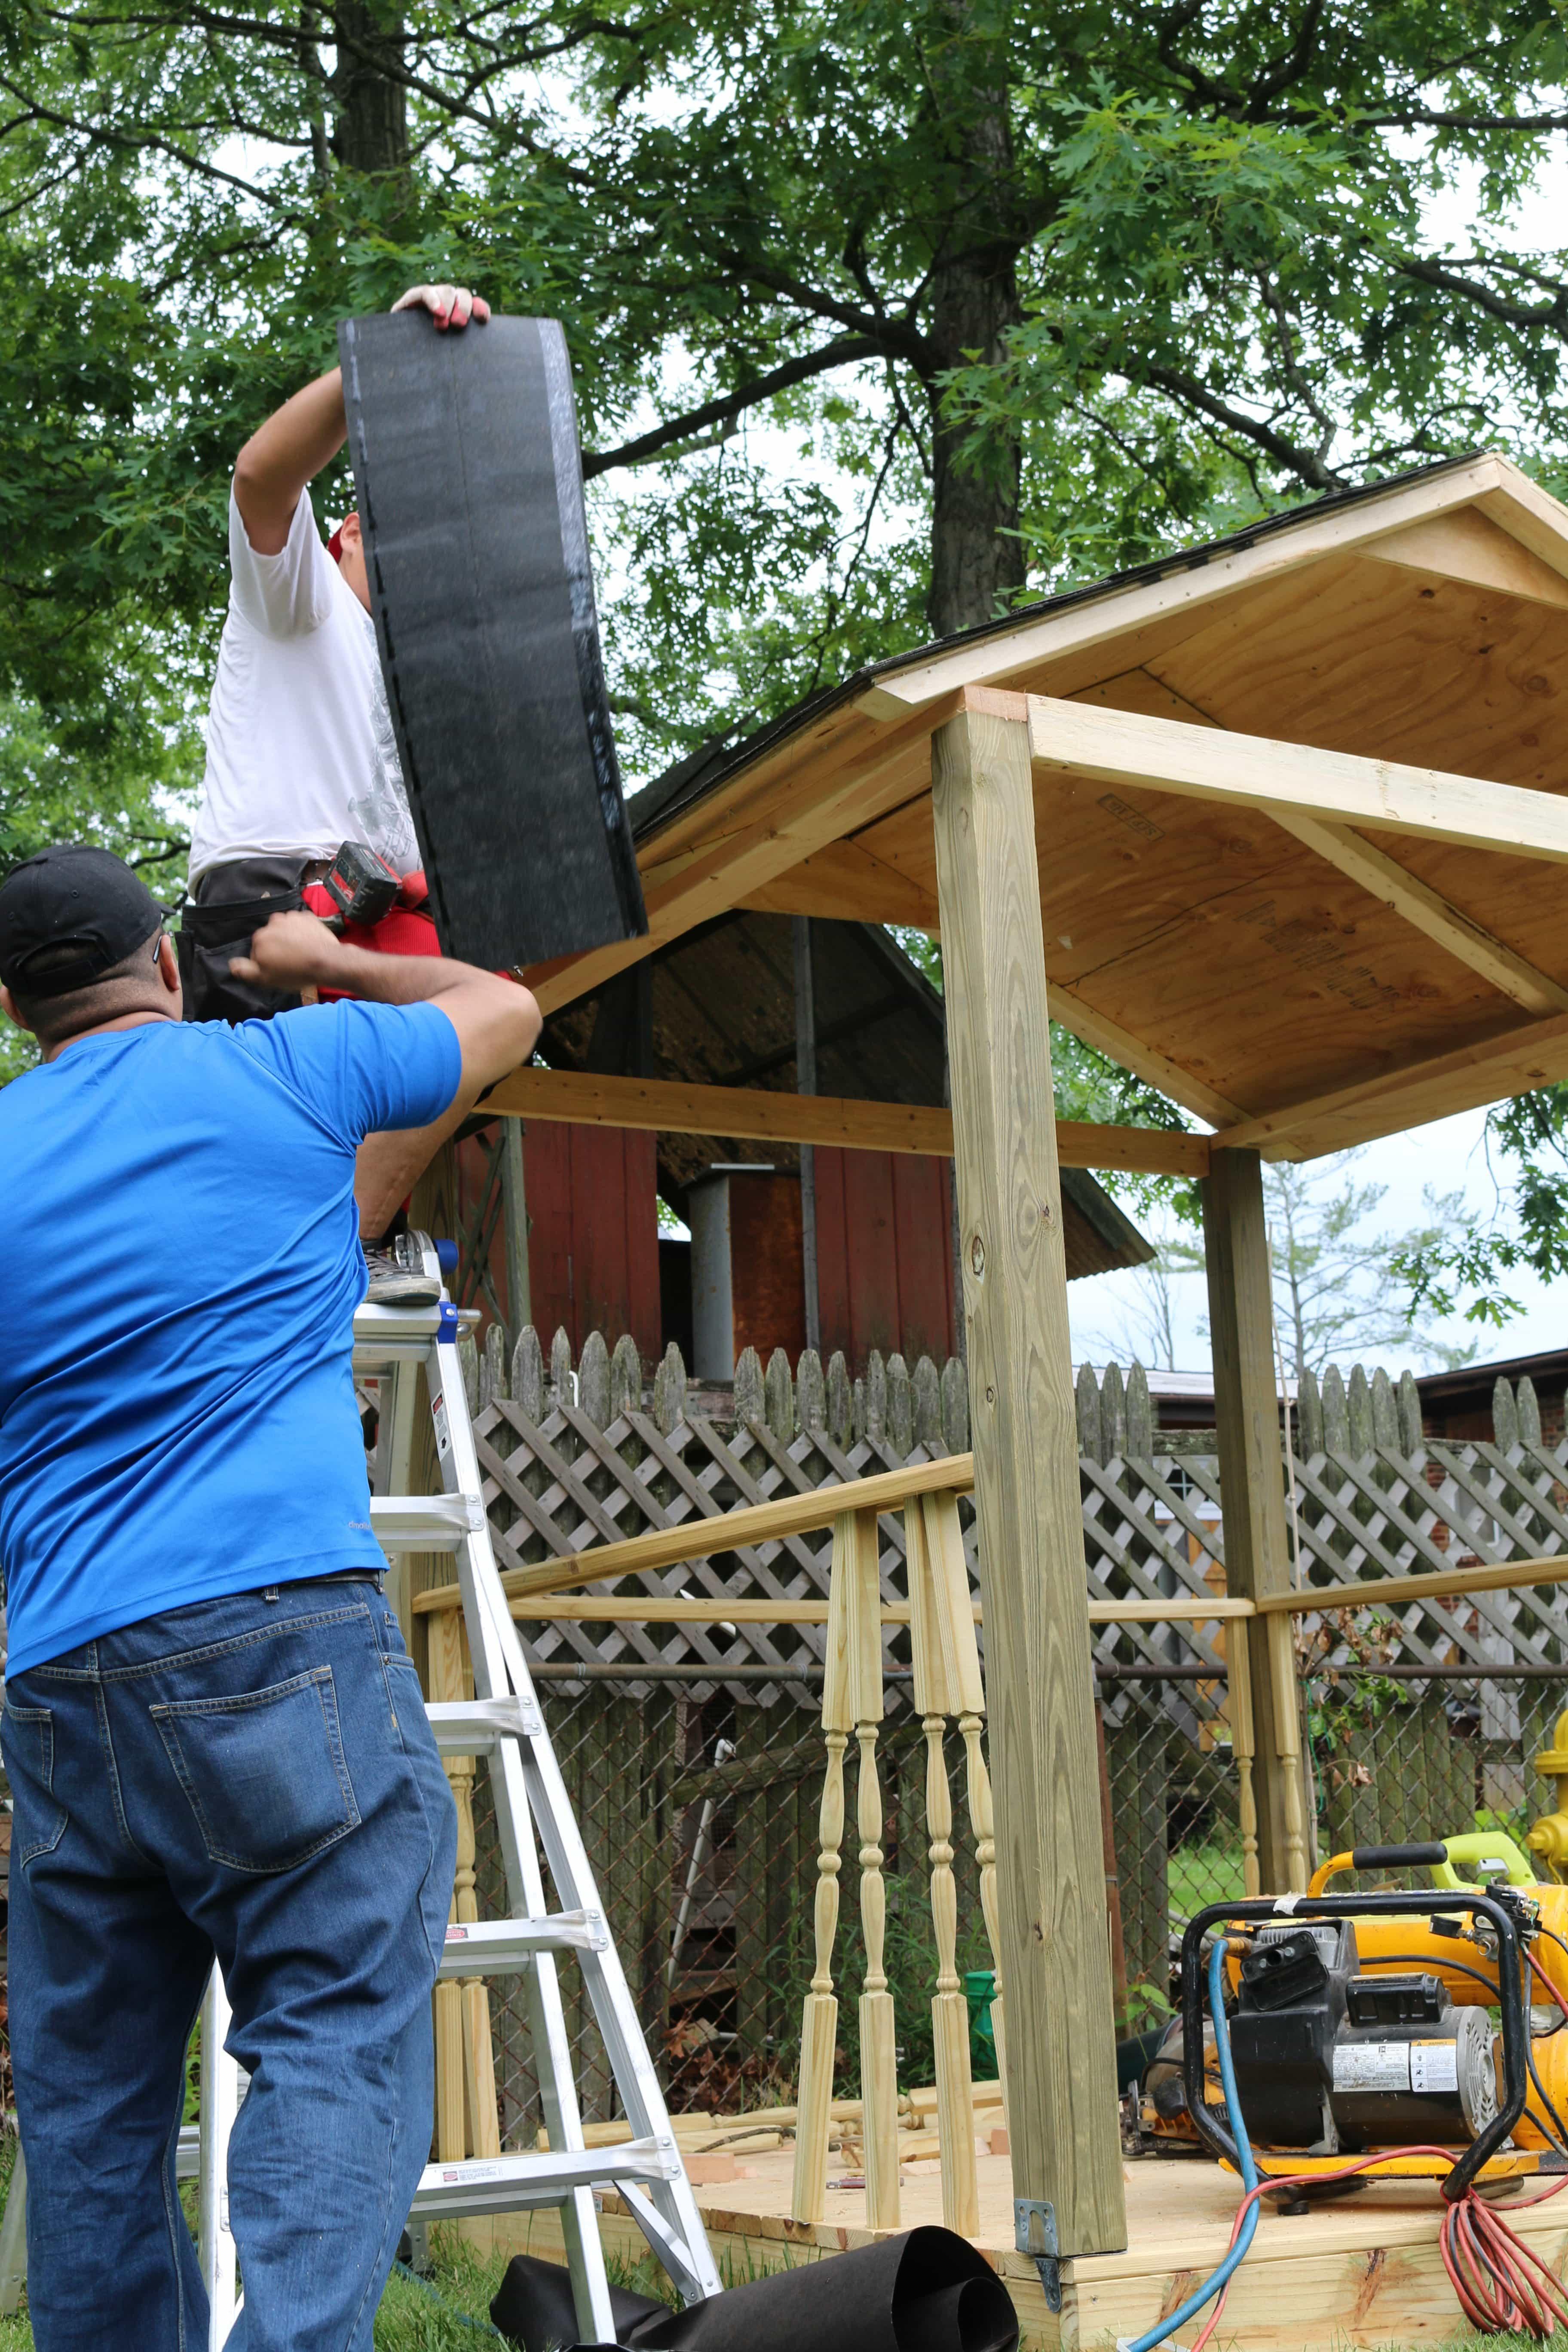 5 e1523620152675 - Cómo construir una casita de juegos para el jardín